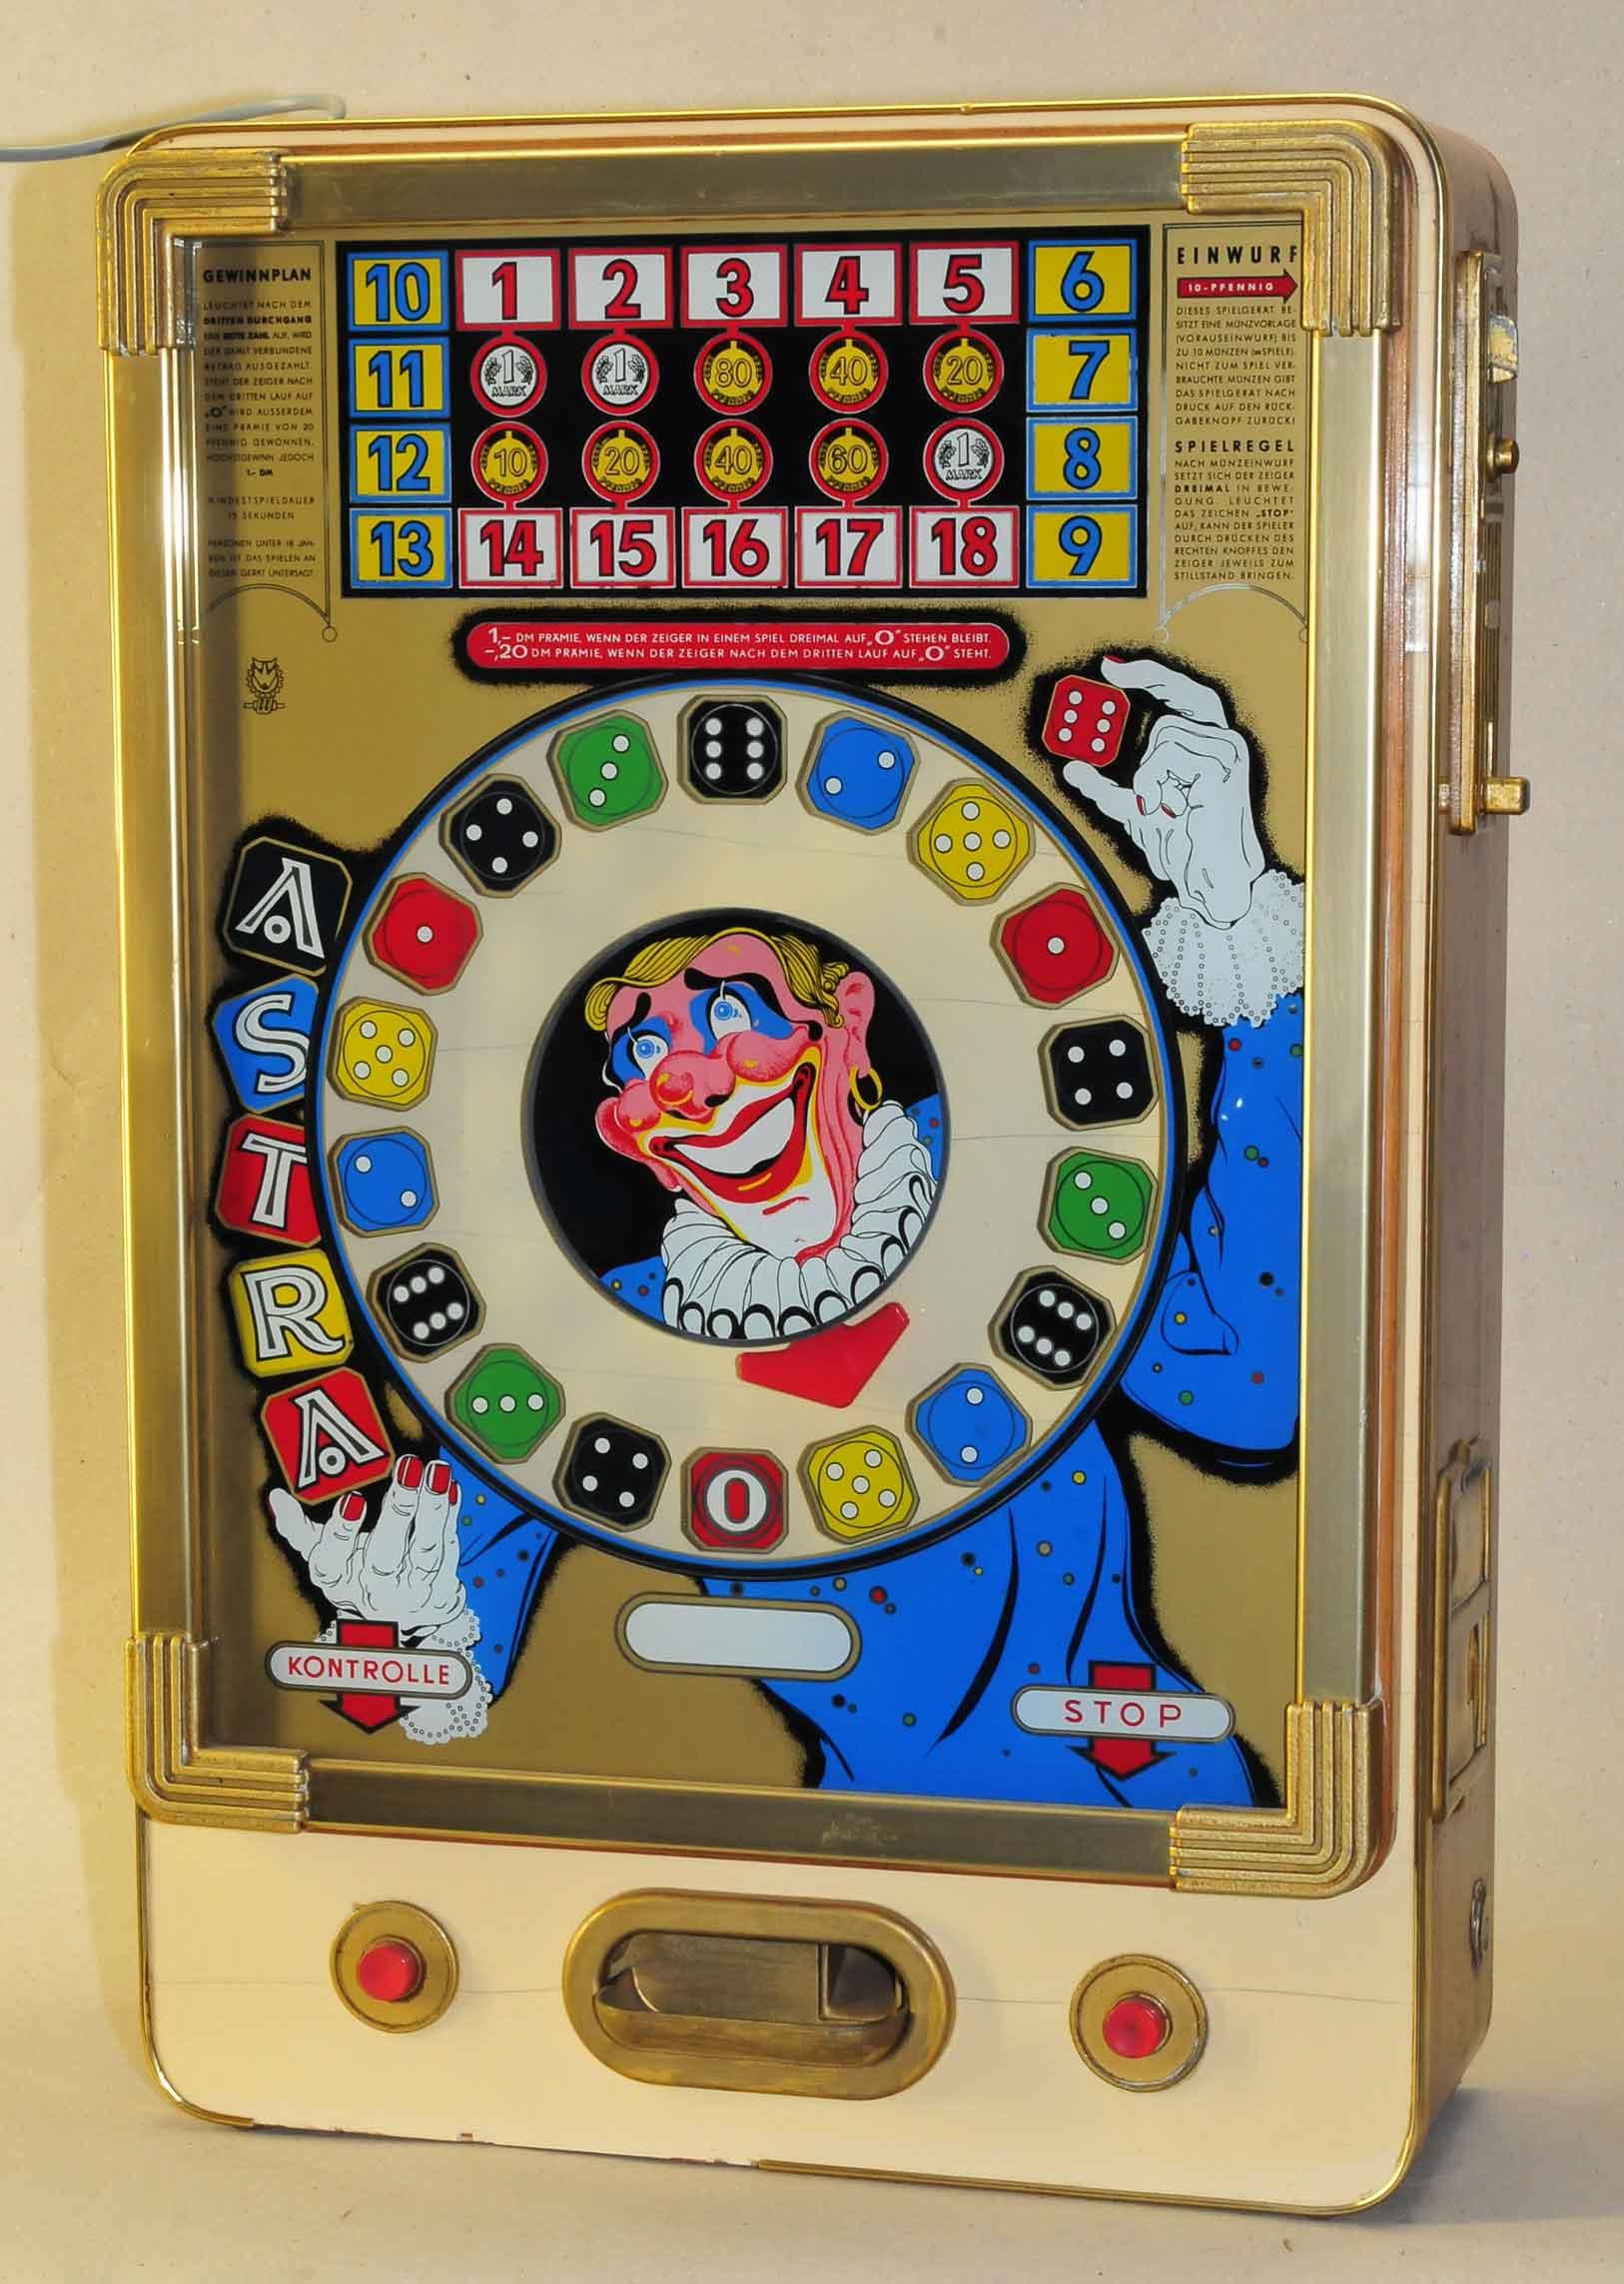 spielautomat fehlermeldung e60